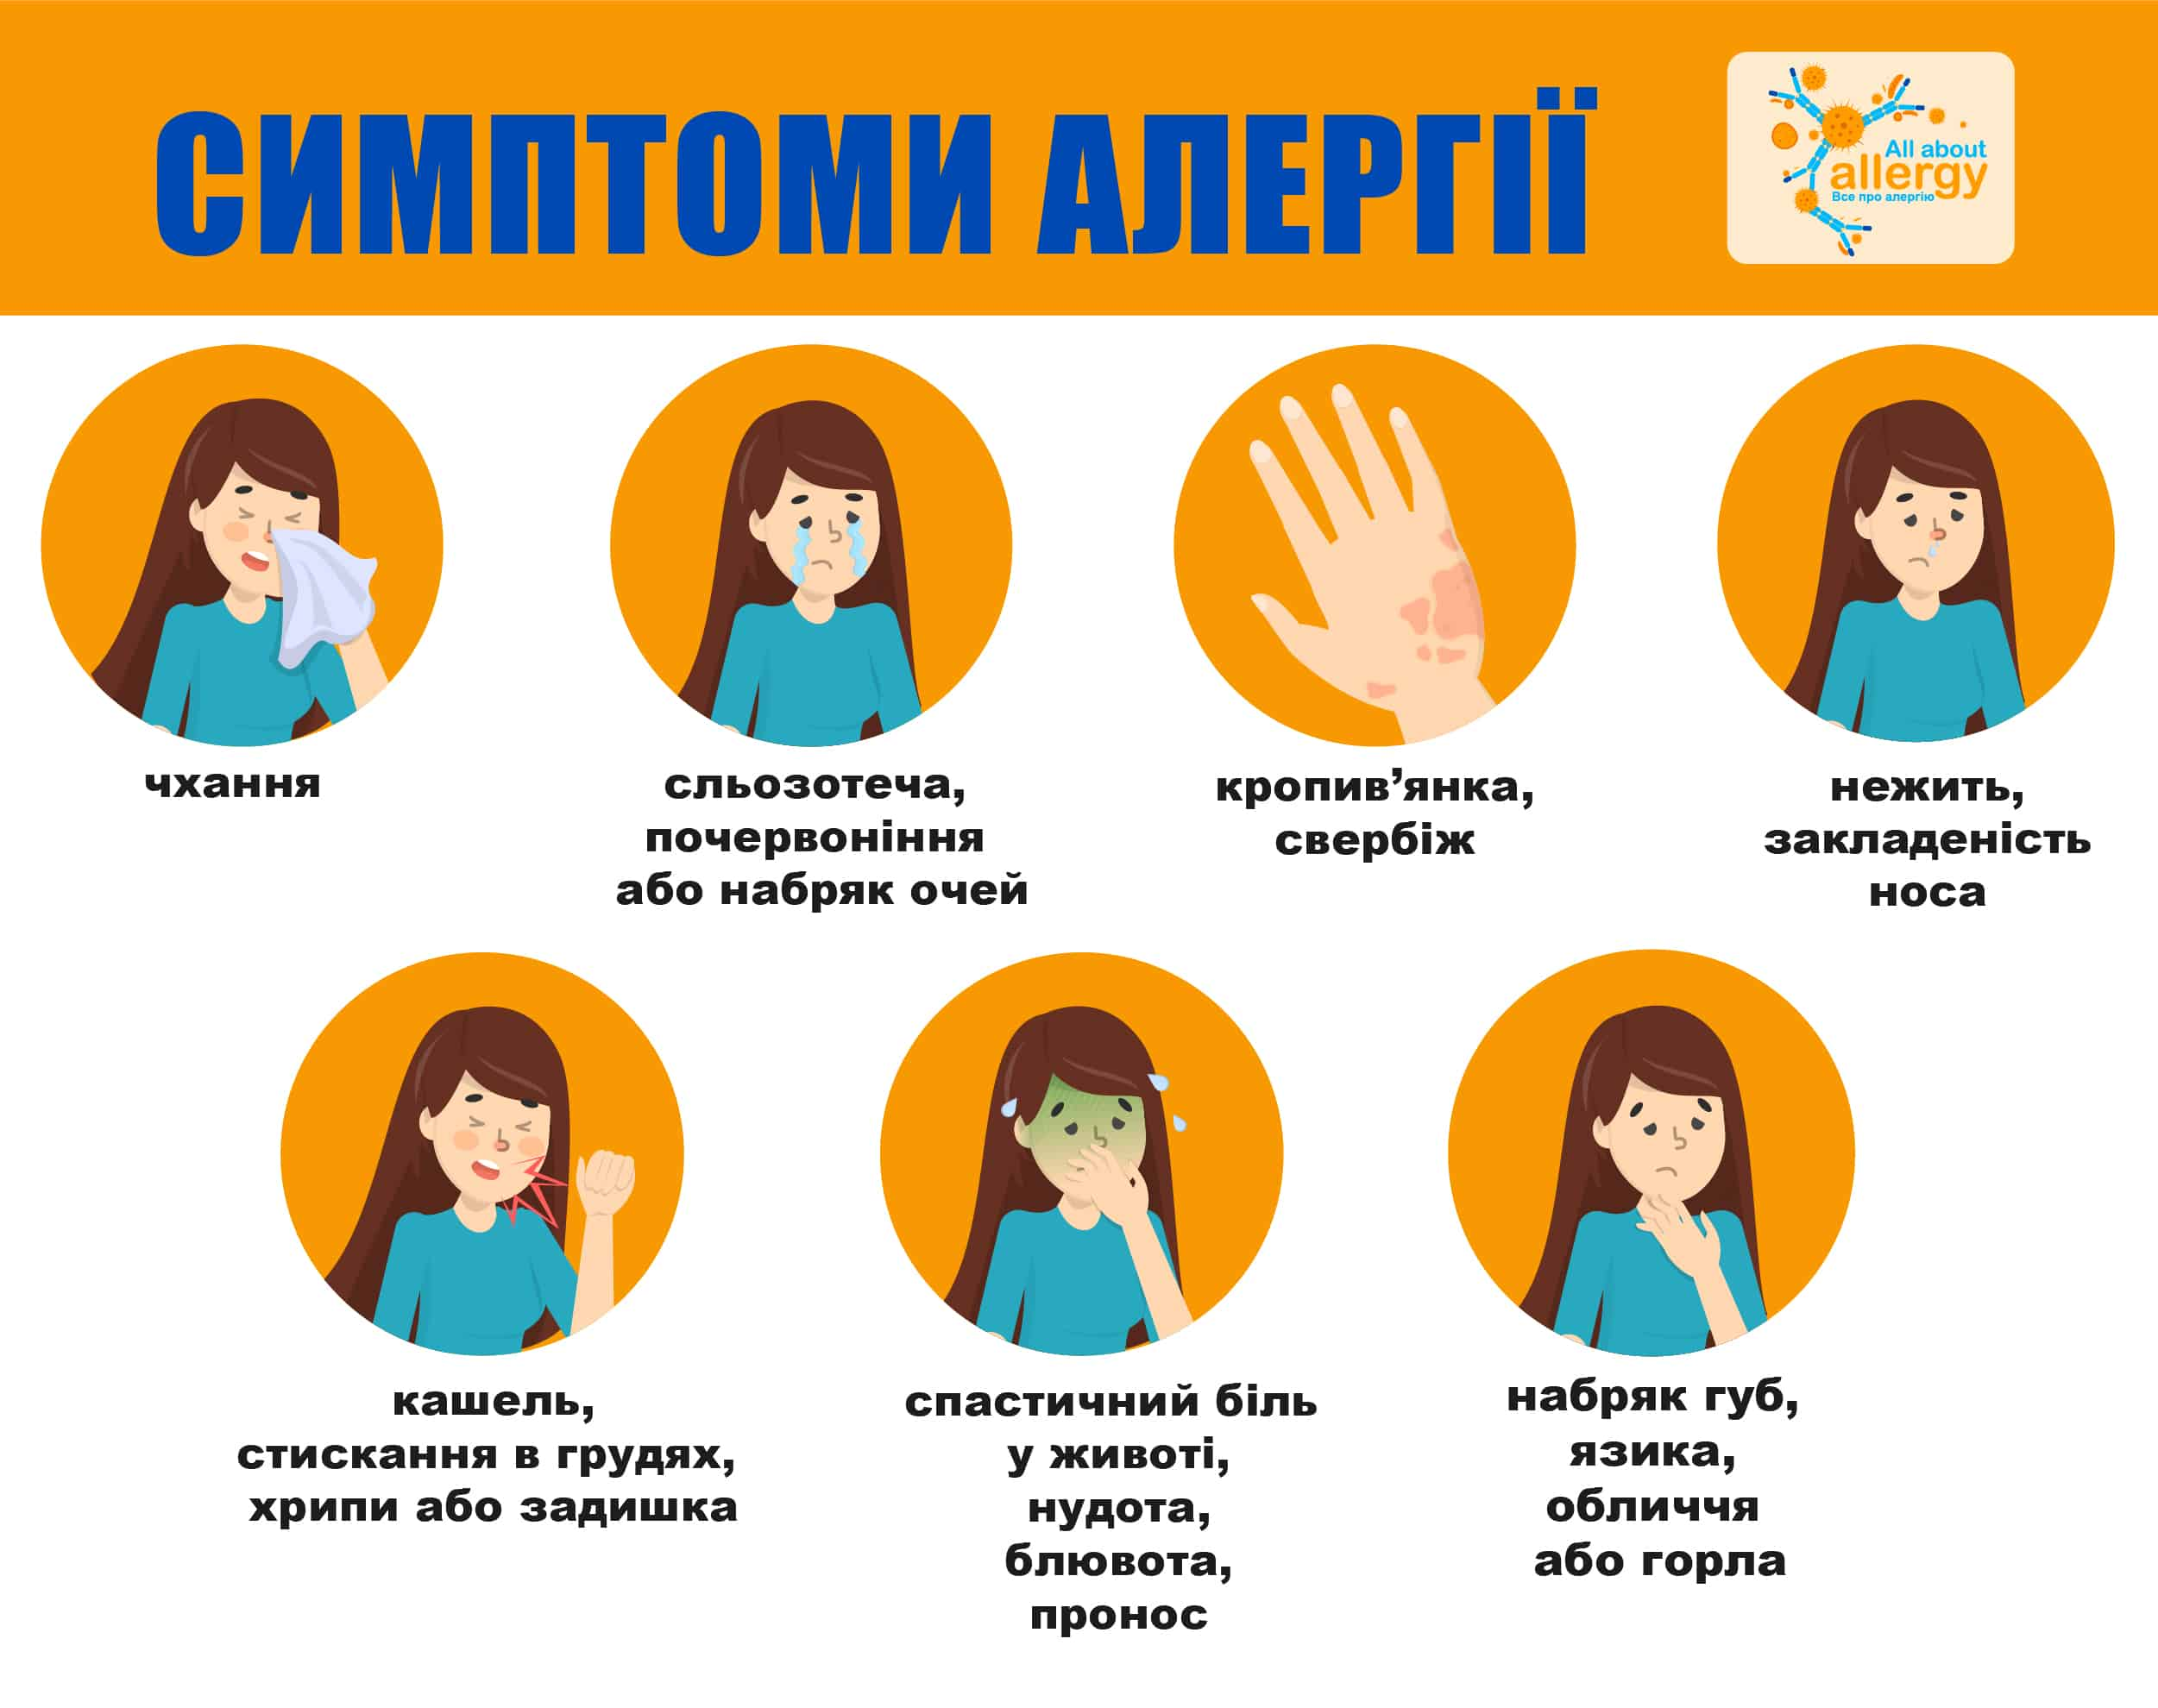 Симптоми алергії інфографика